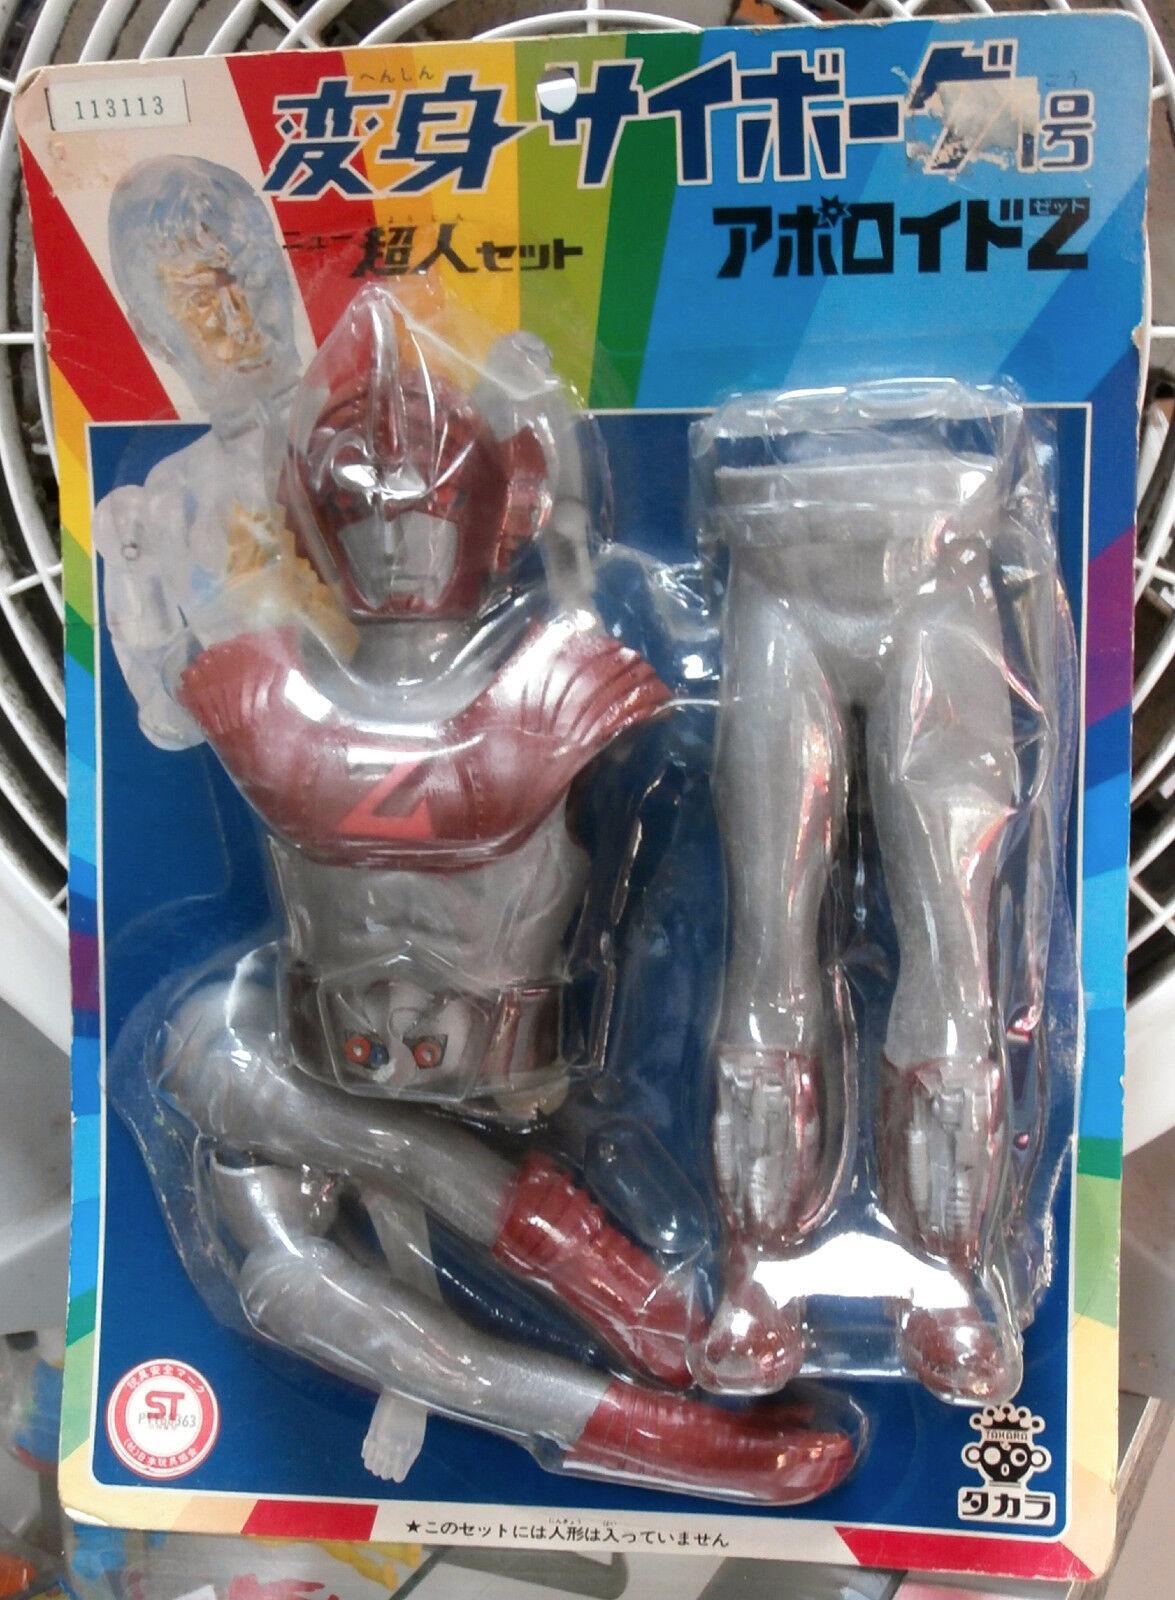 TAKARA HENSHIN CYBORG 1 APOLLO Z COSTUME SET ROBOT JAPAN ZET TOKUSATSU